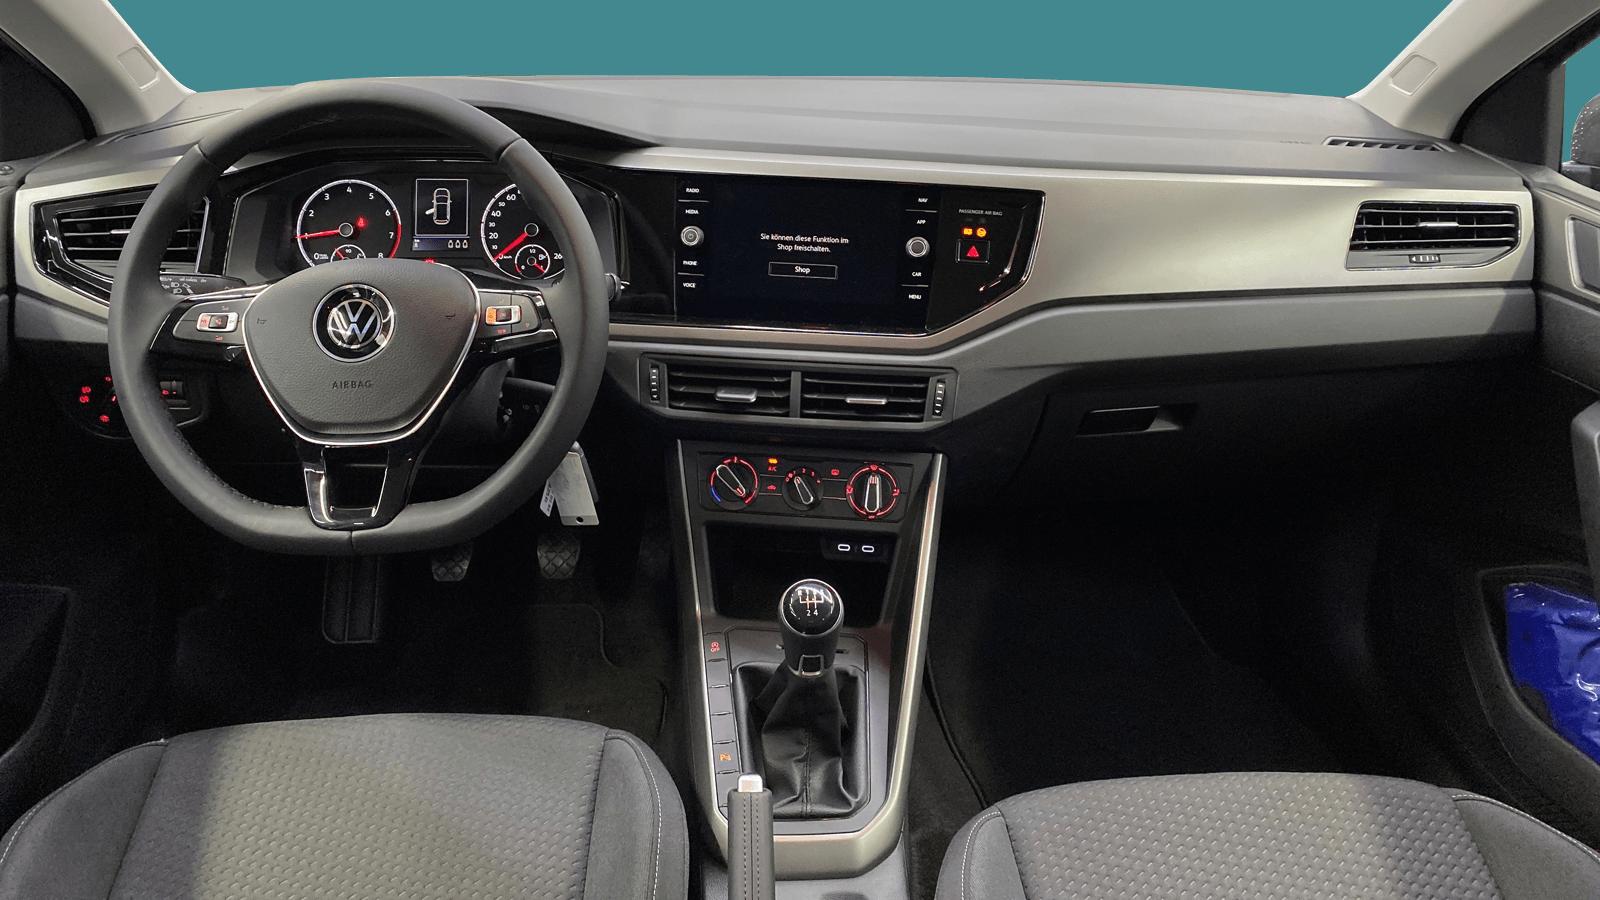 VW Polo Grey interior - Clyde car subscription